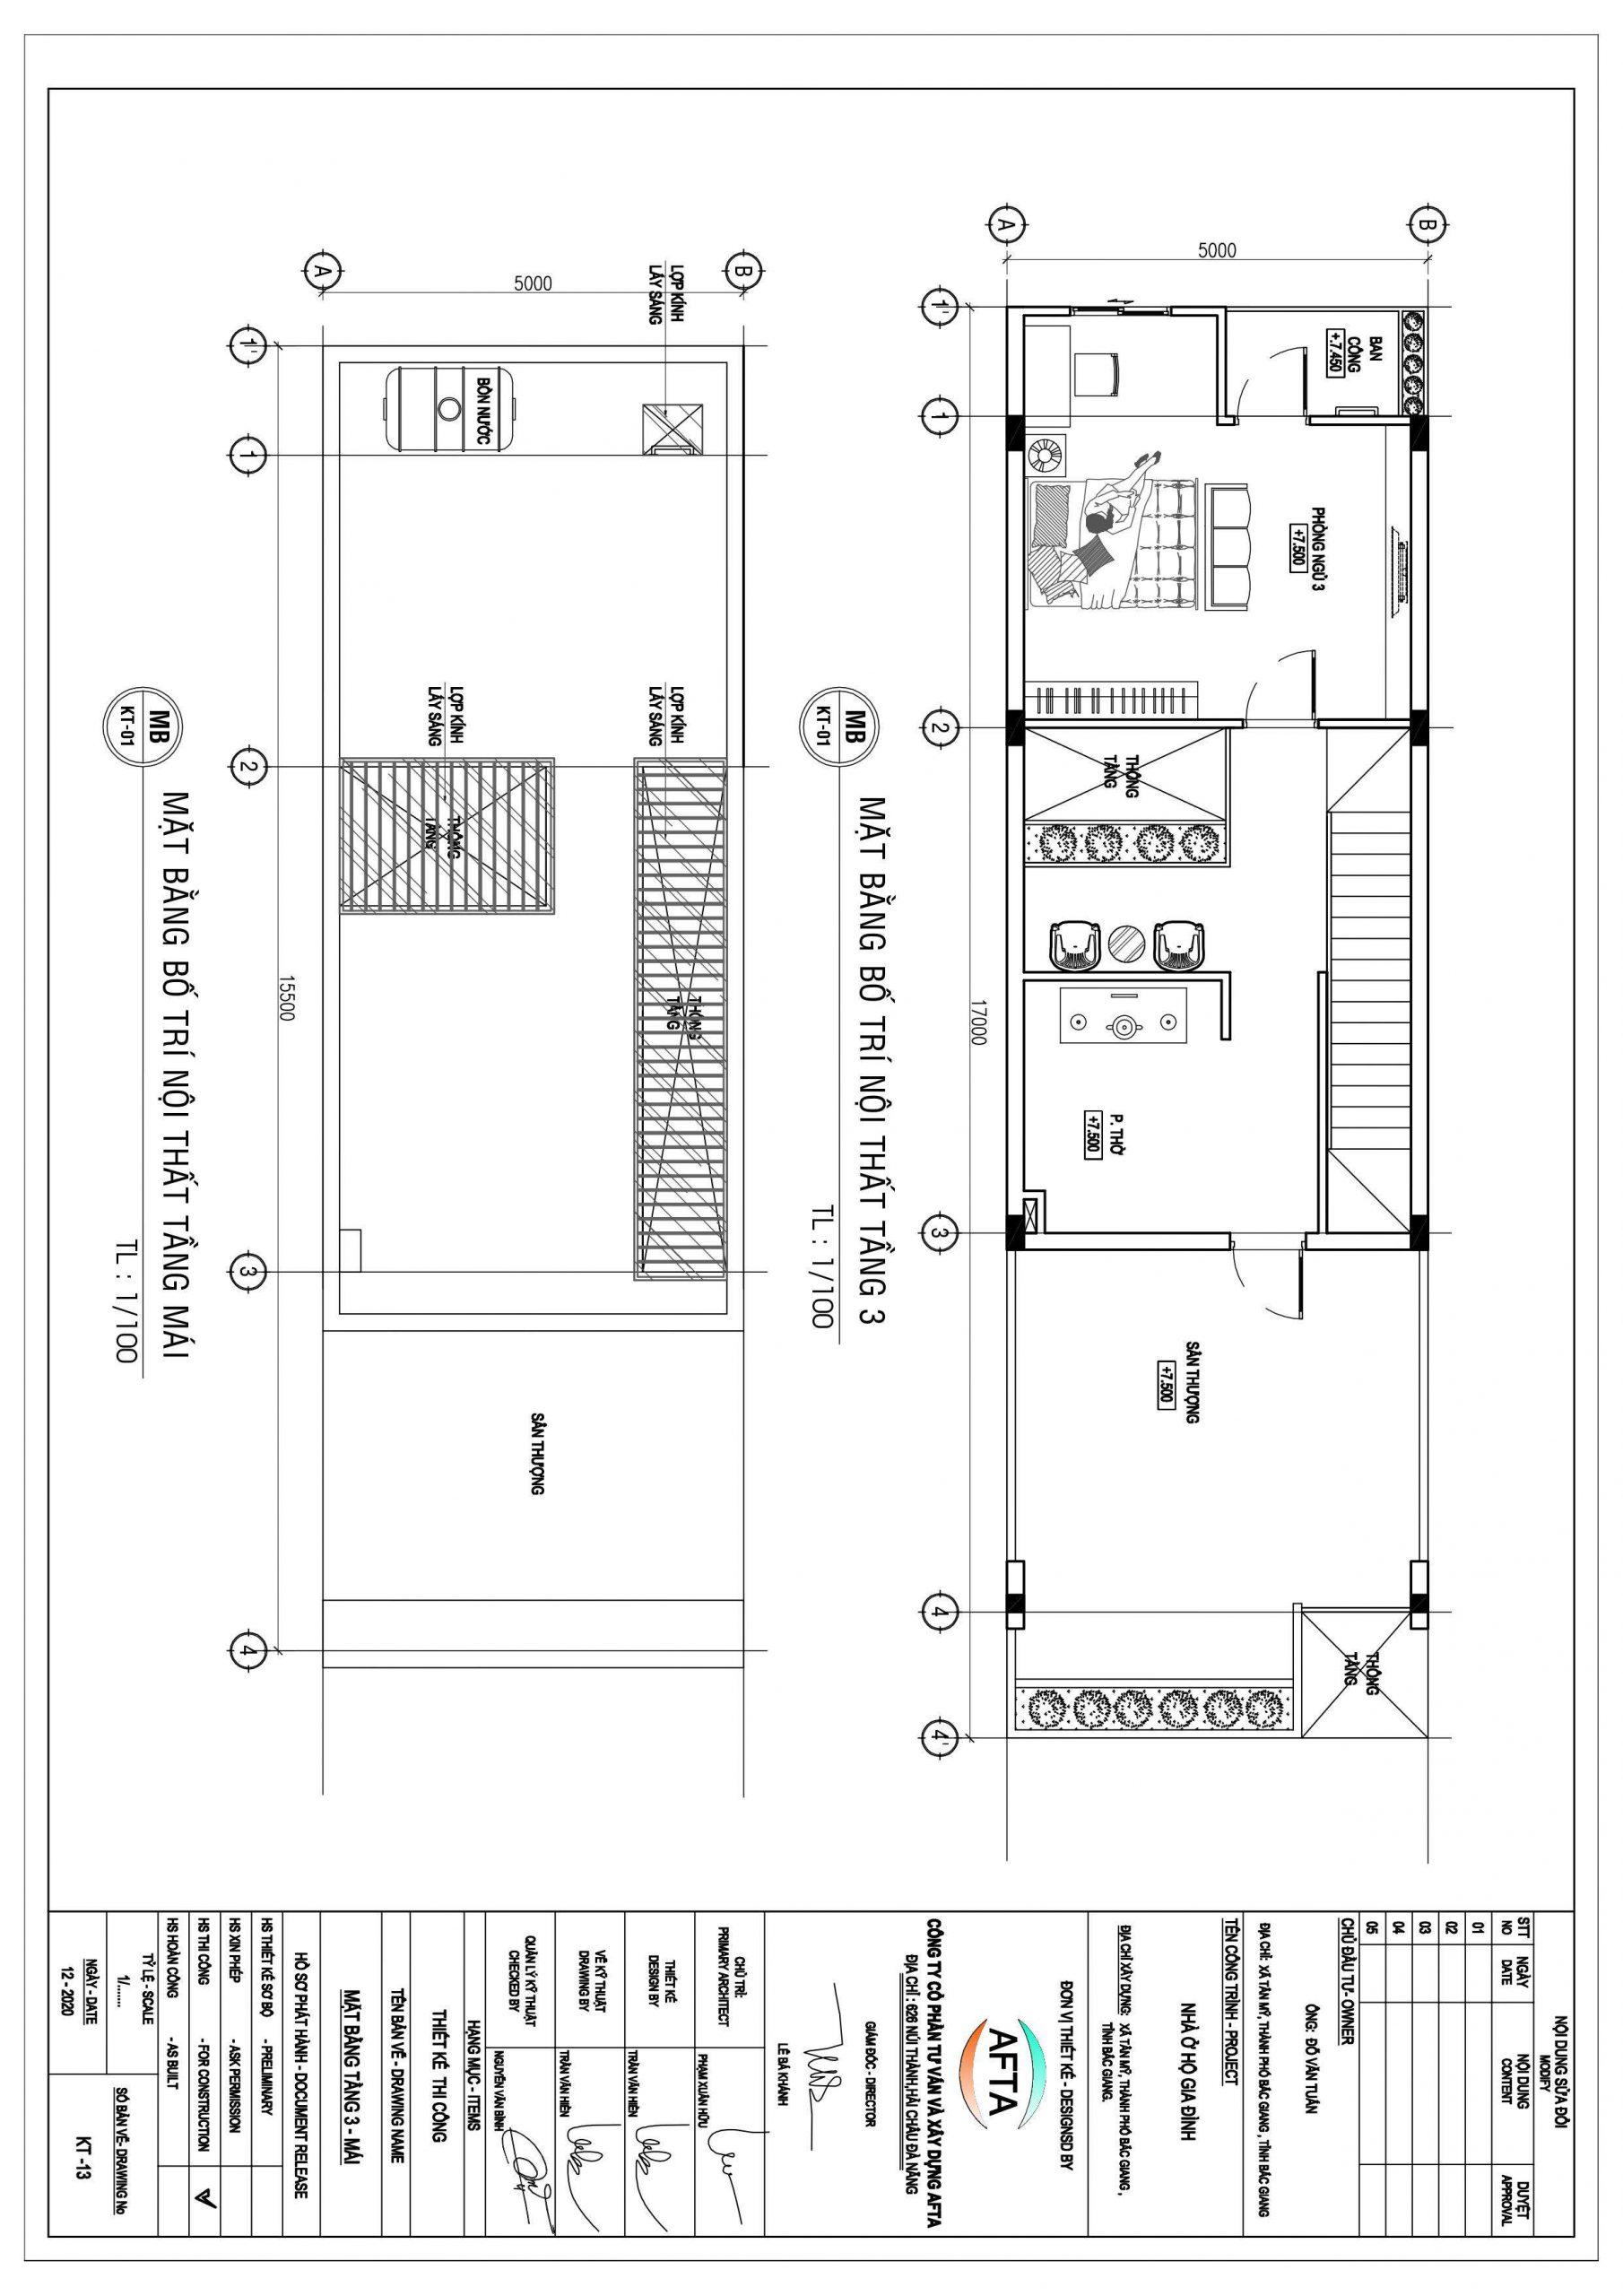 Thiết Kế Nhà Ống 2 Tầng 3 Phòng Ngủ Bắc Giang 9